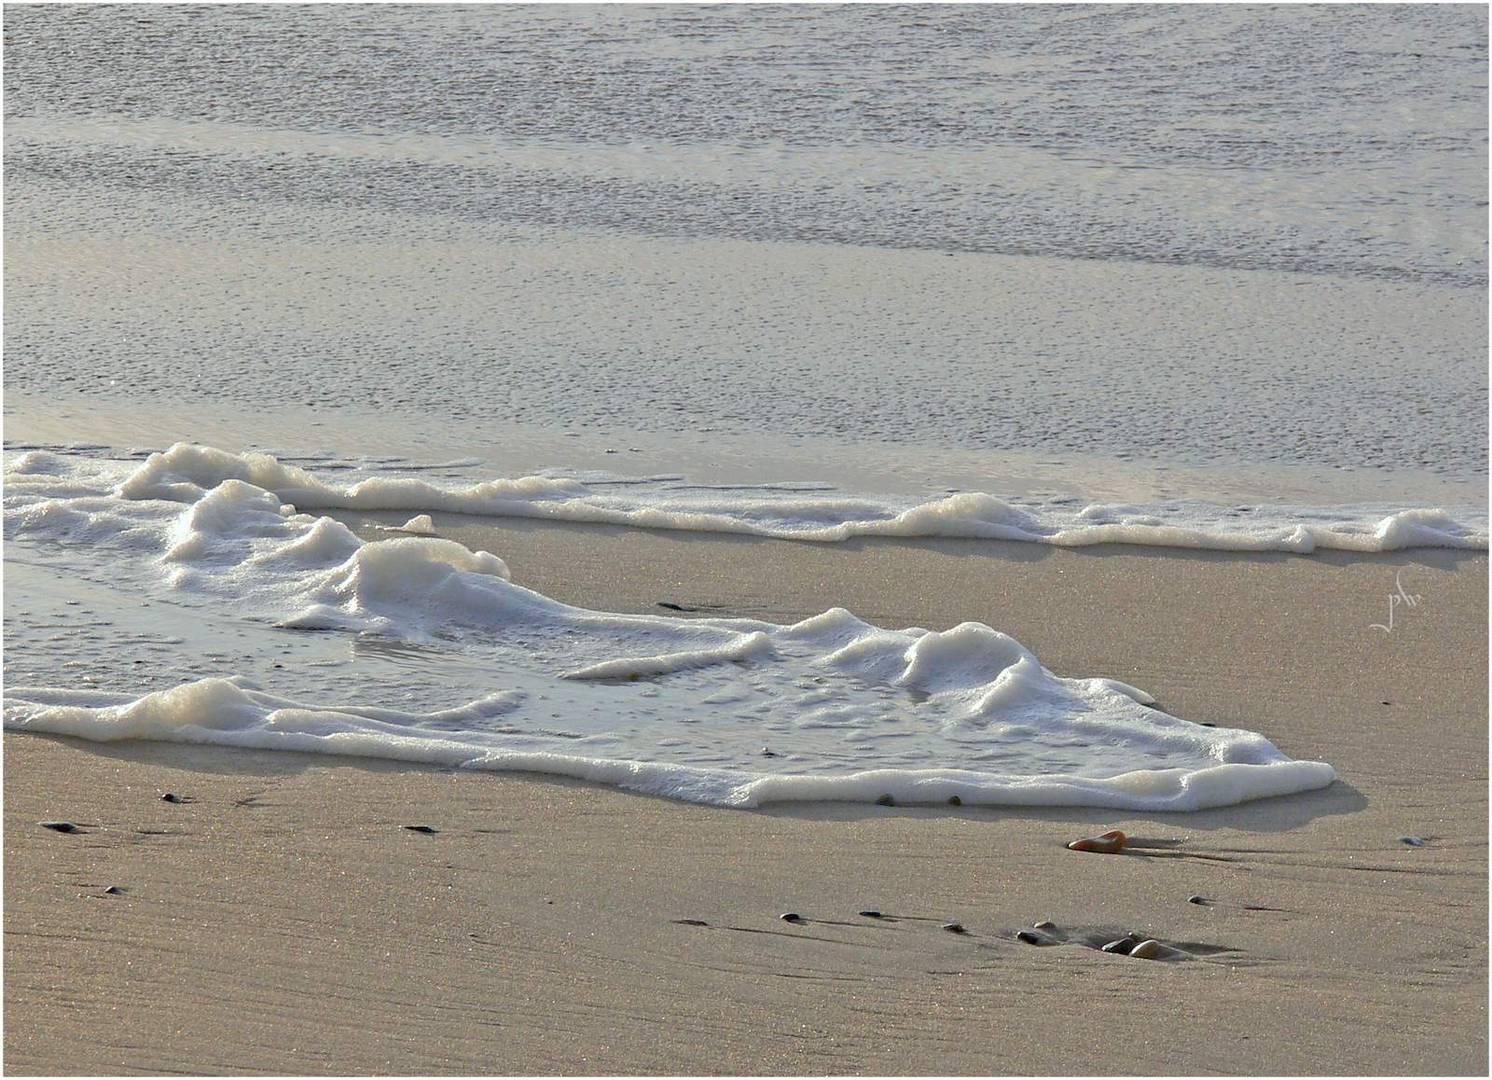 Schaumzungen, die - durch Sturm erzeugt - über den Strand kriechen